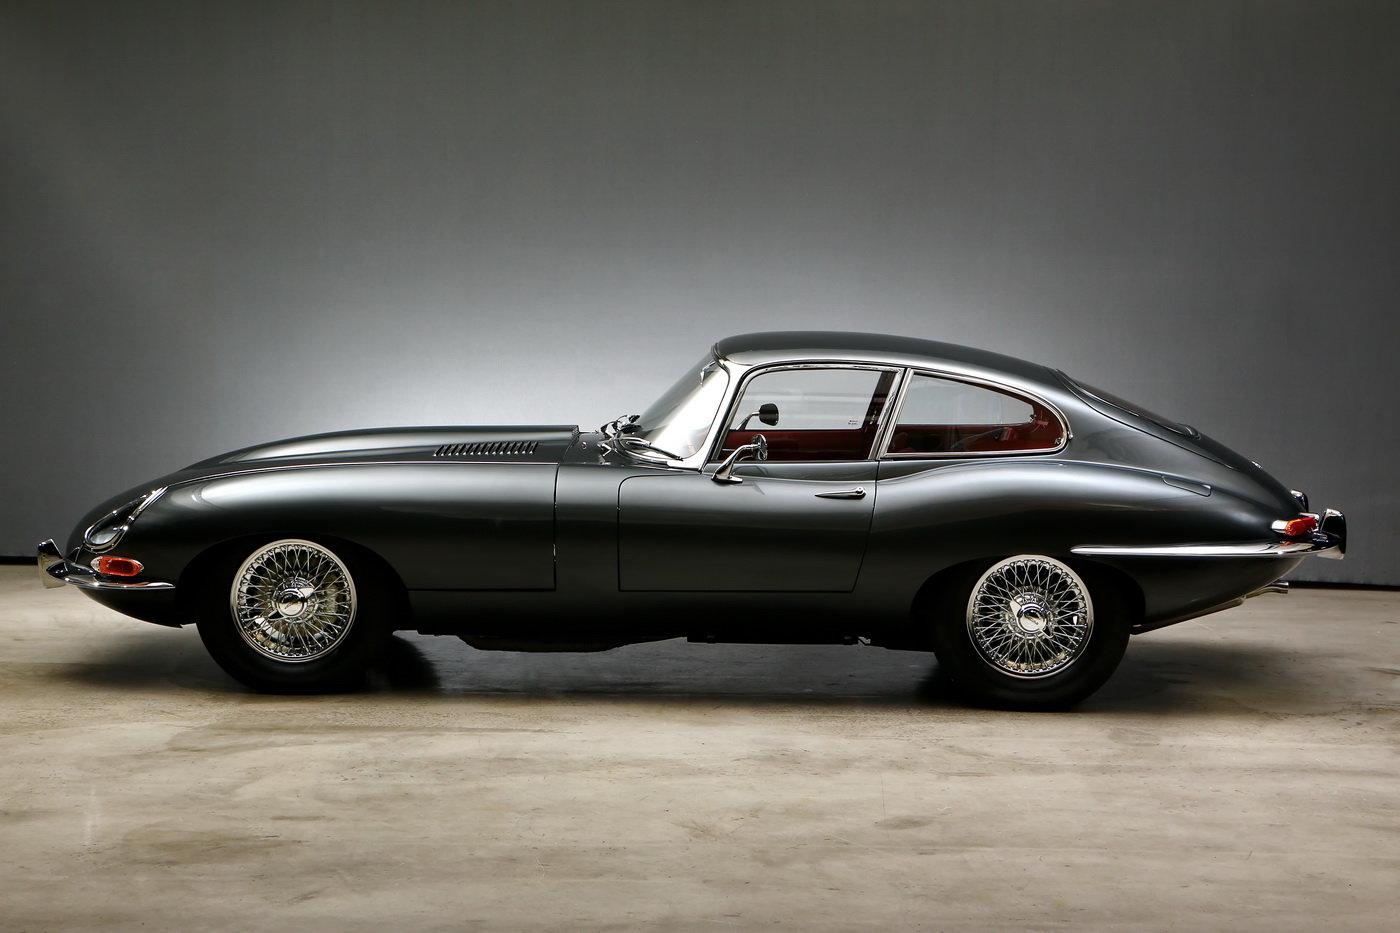 1963 Jaguar E-Type 1. series 3.8 ltr Coupé For Sale (picture 2 of 6)